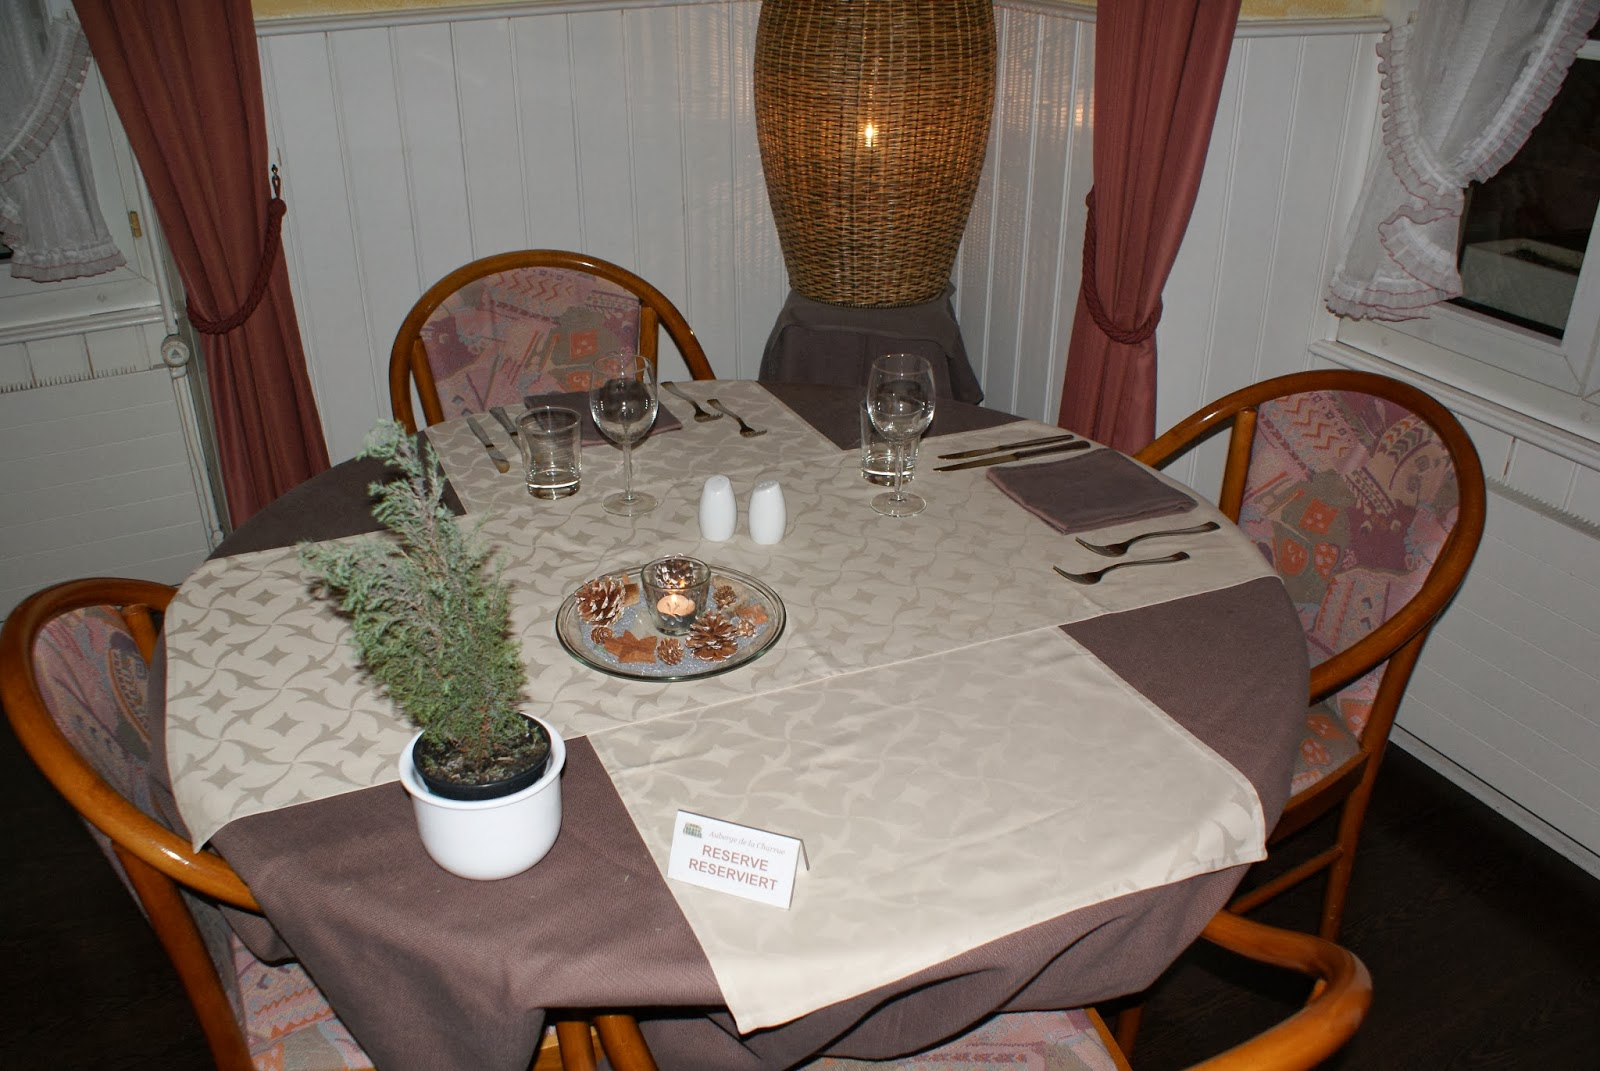 Decoration Assiette Sapin Avec L Ef Bf Bdgumes